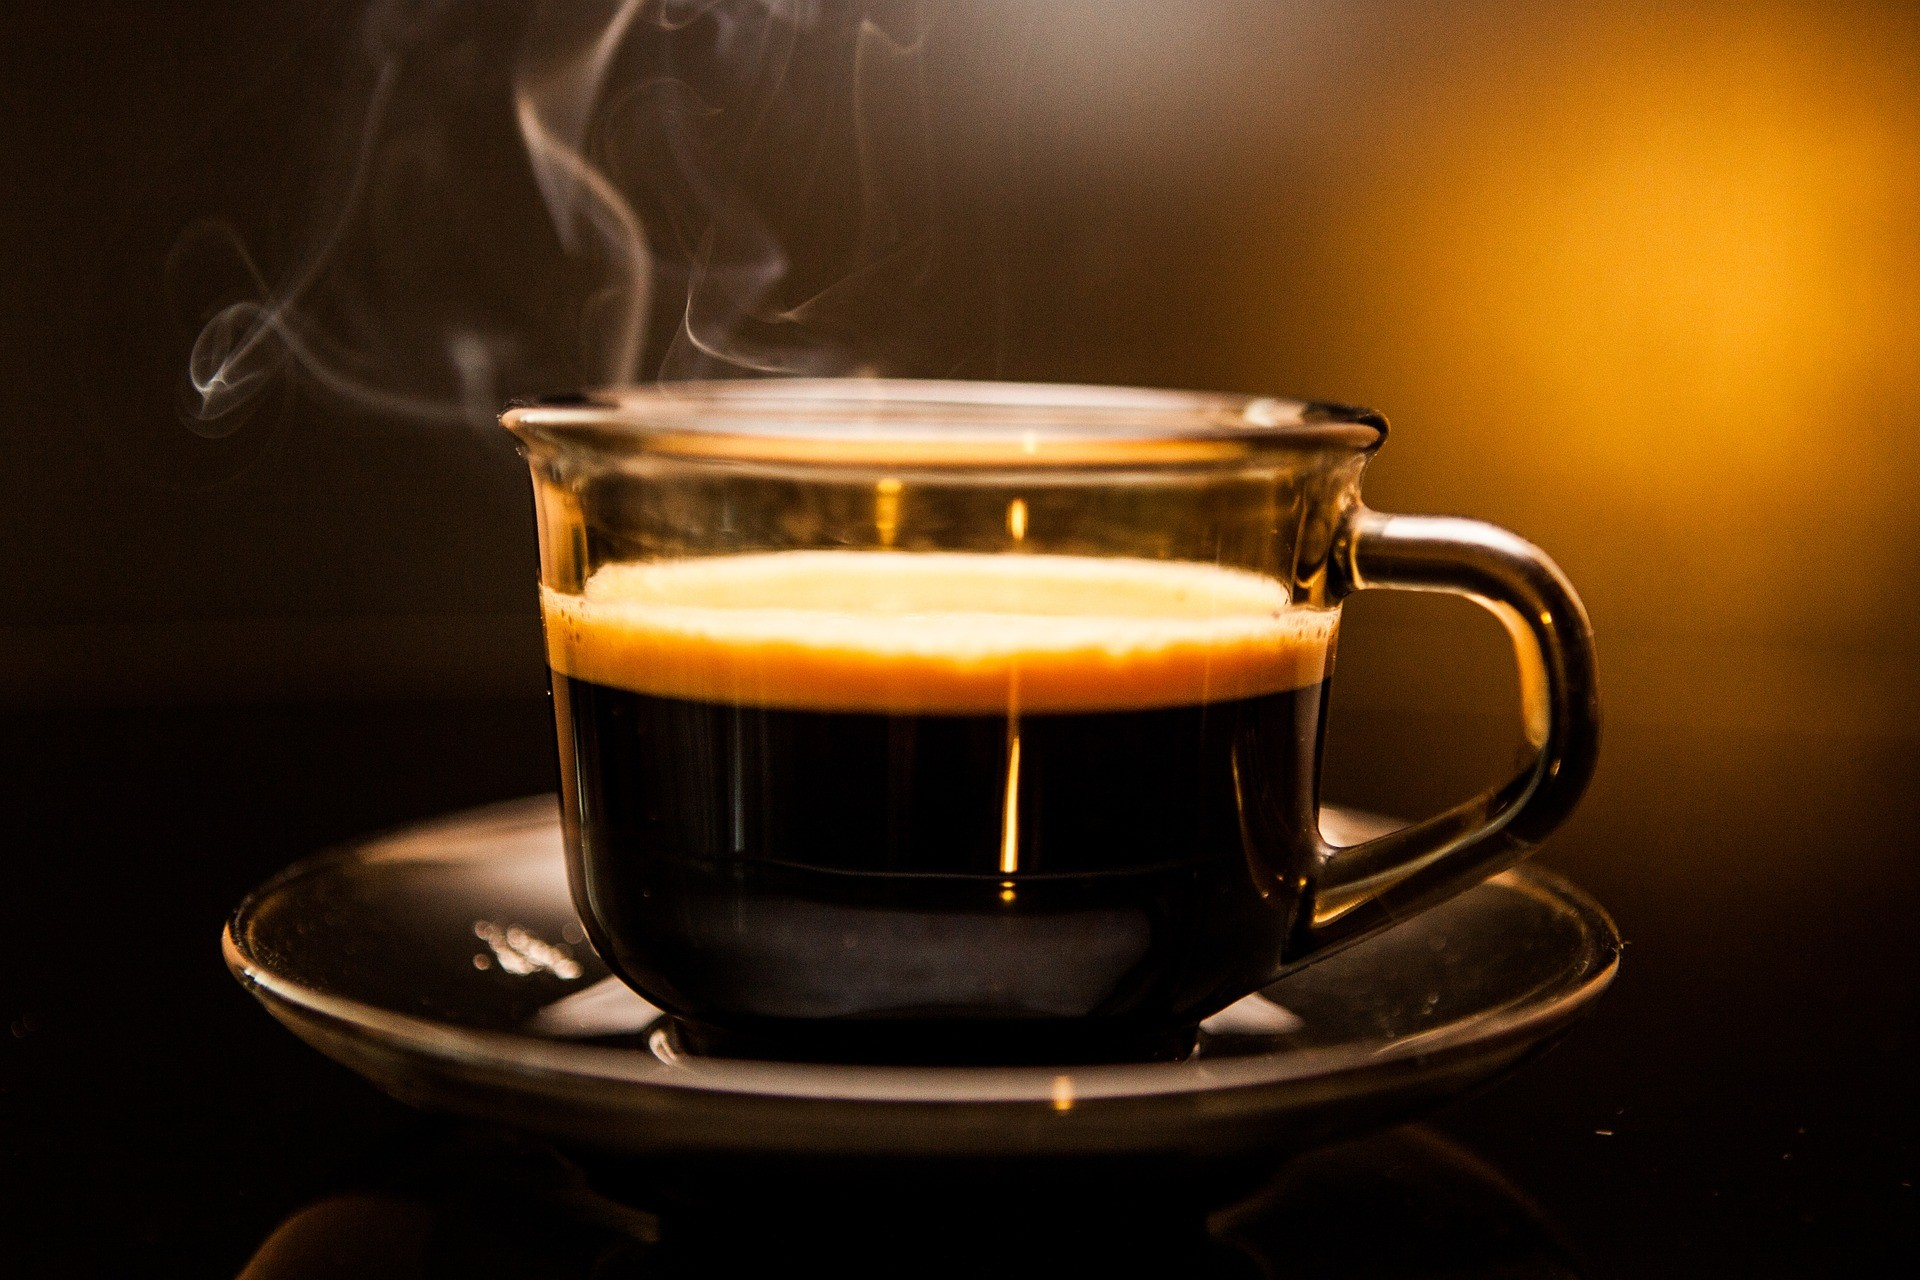 Exportações de café solúvel sobem 9,6% no primeiro semestre de 2019 - Notícias - Plantão Diário